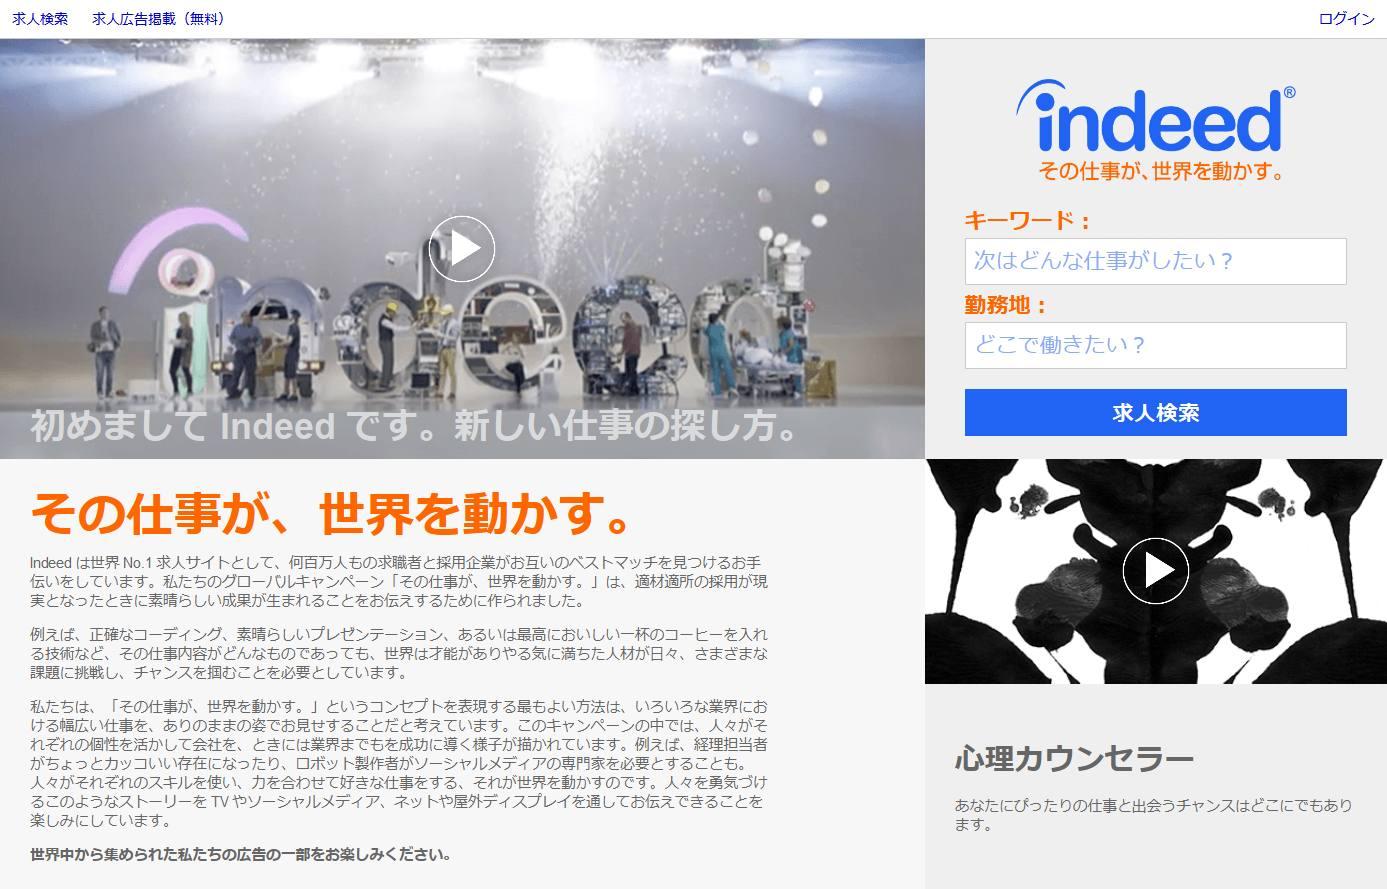 その仕事が、世界を動かす。  Indeed.com